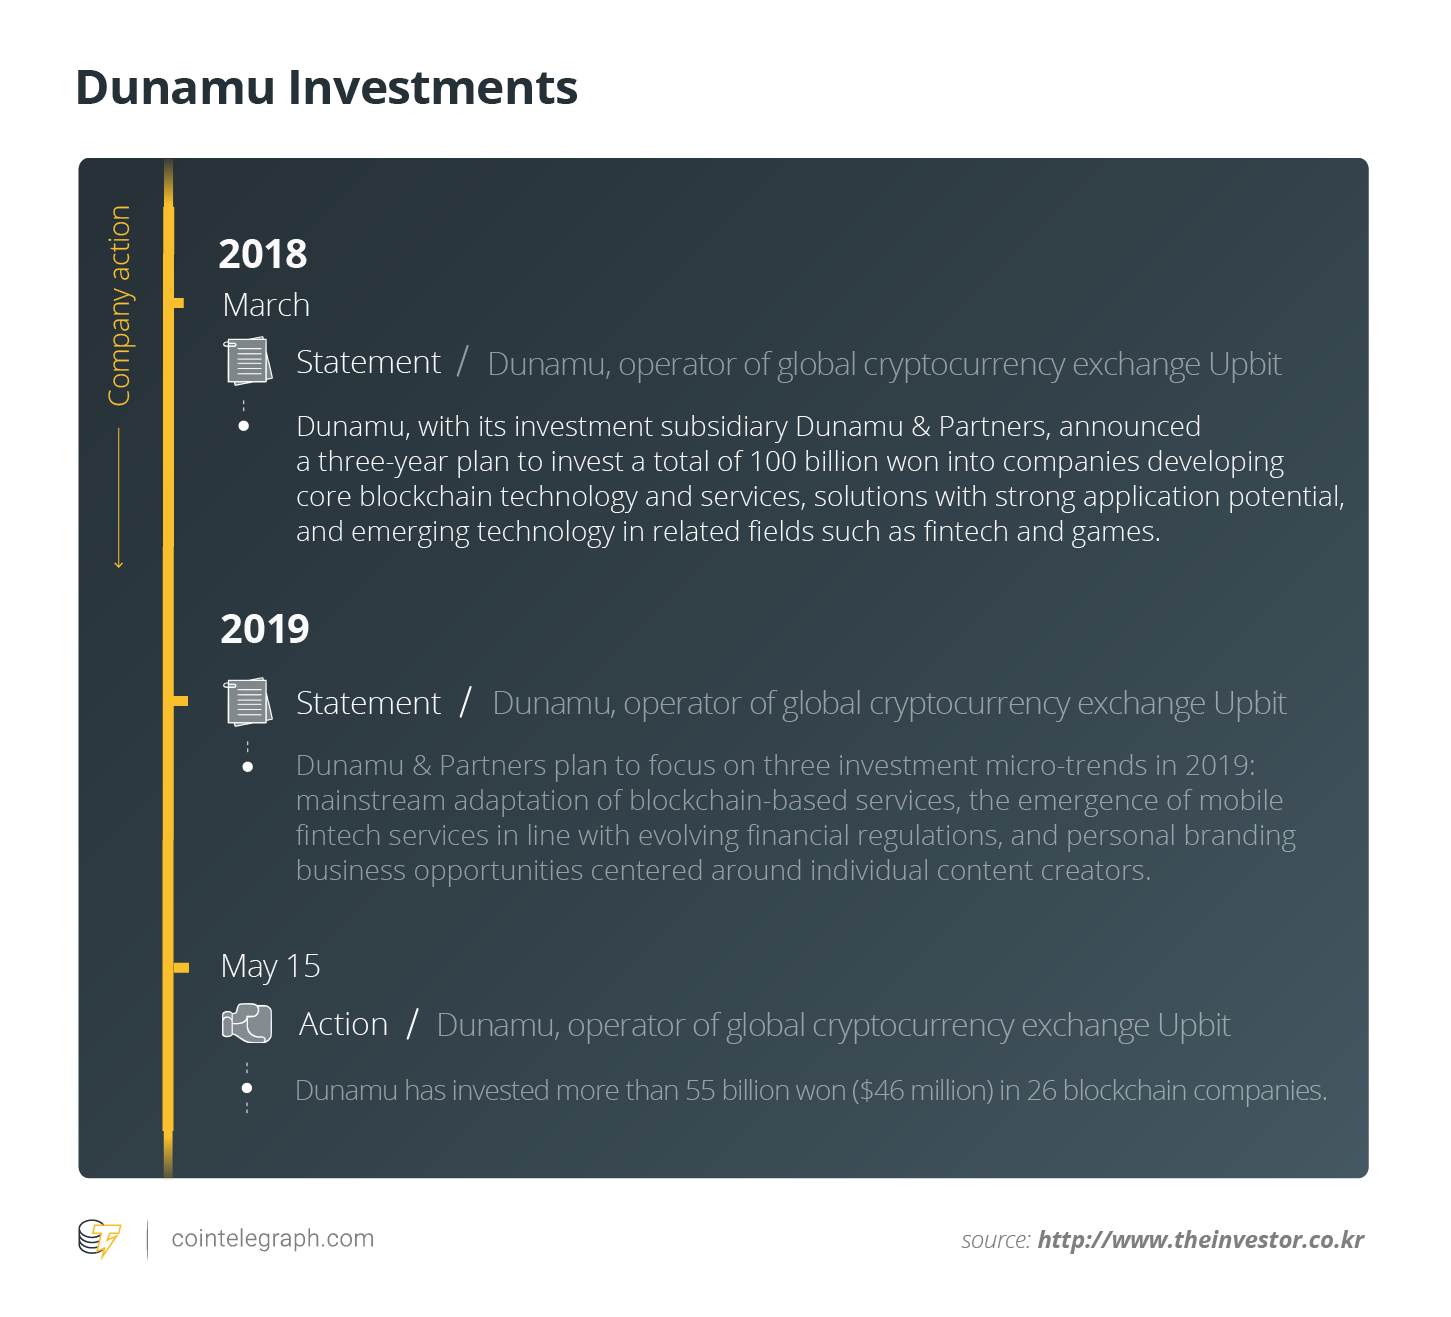 Dunamu Investments